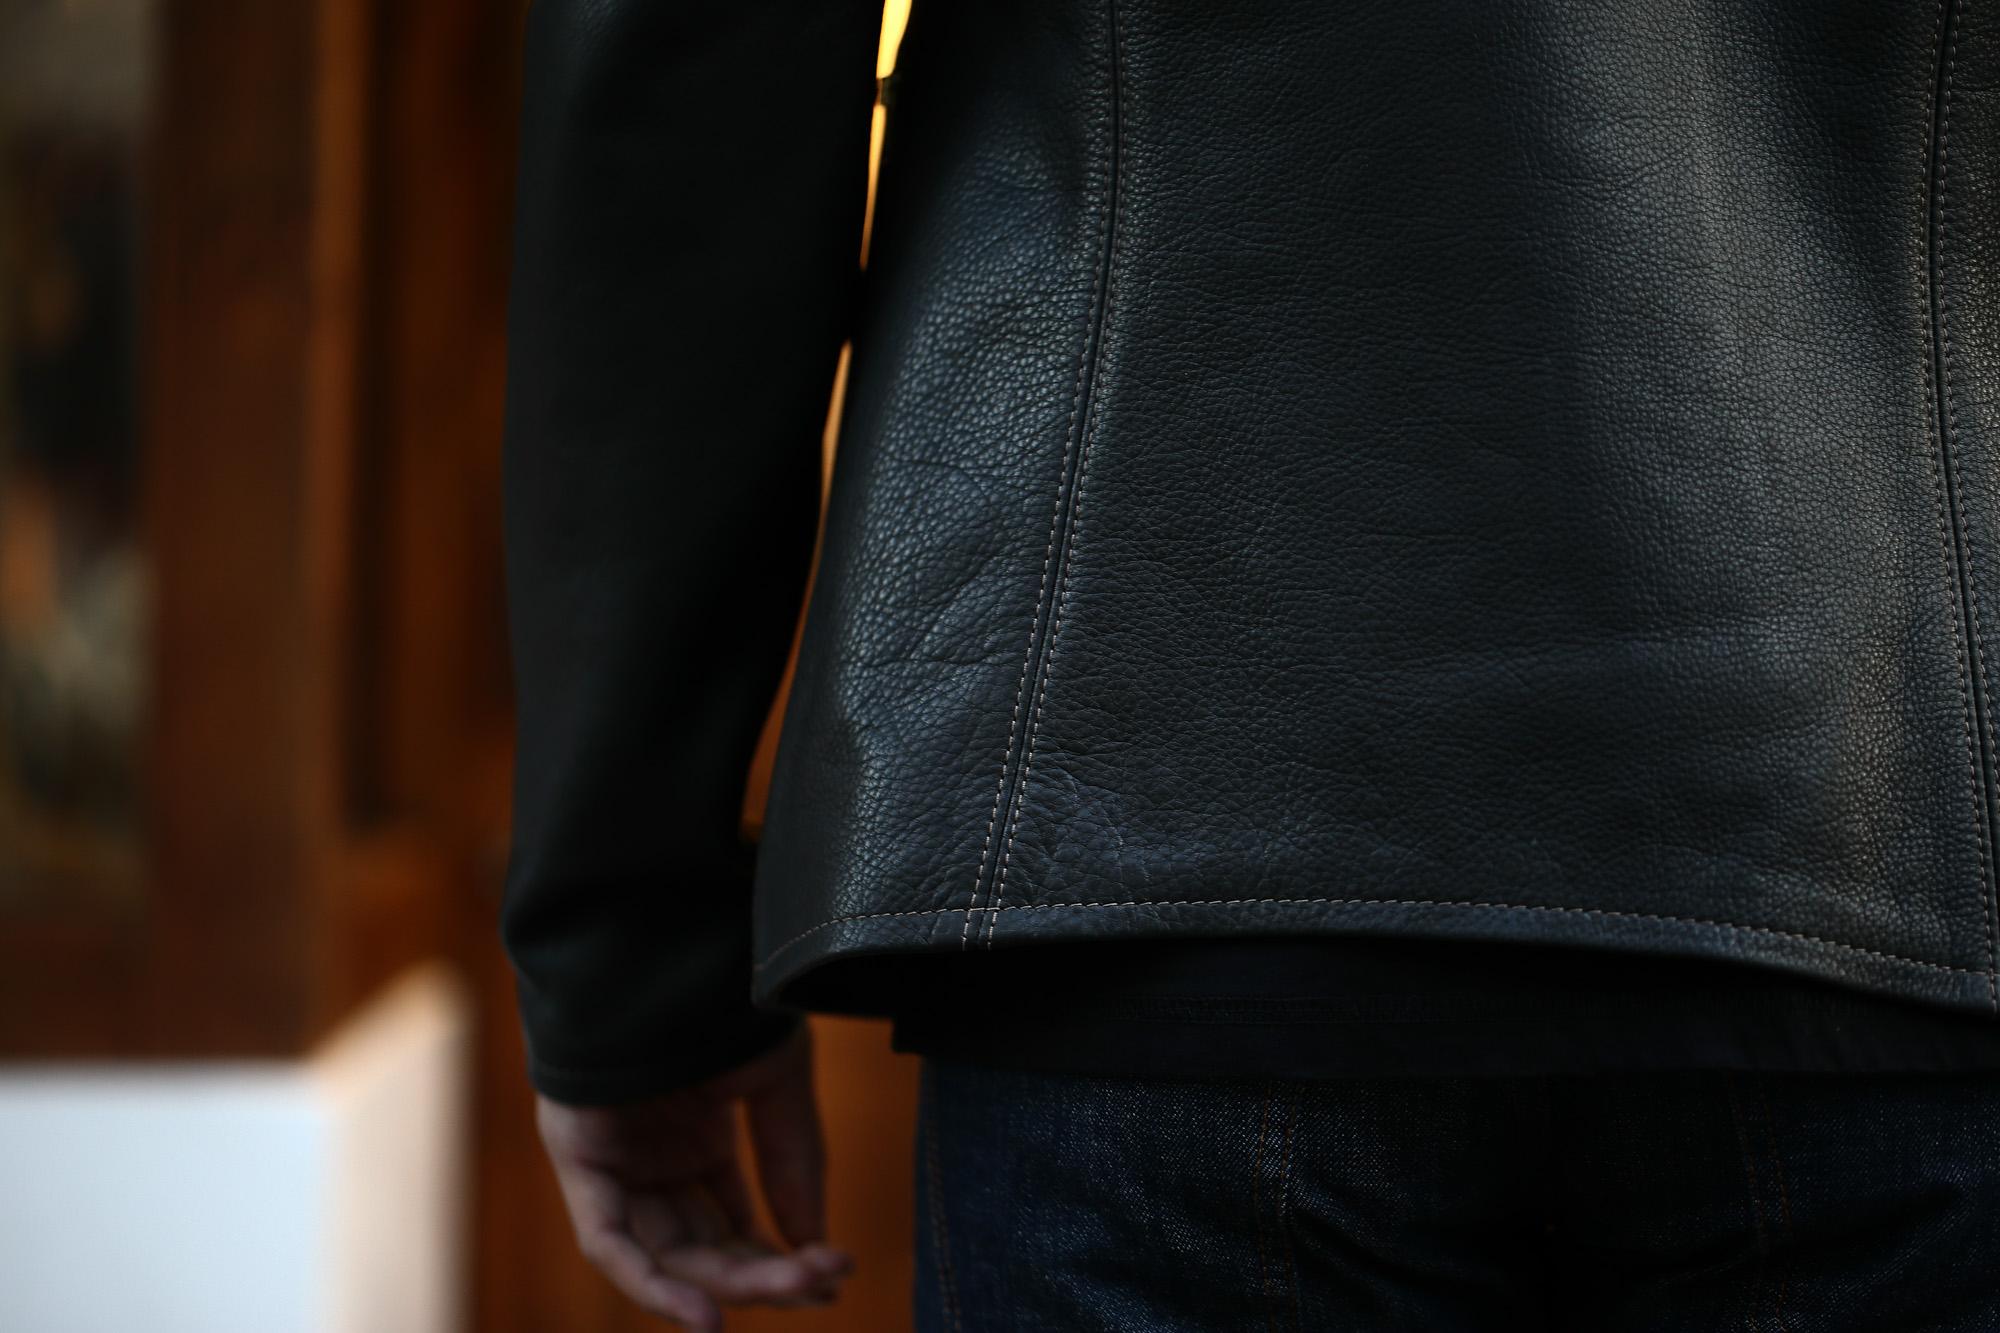 サウスパラディソレザー(South Paradiso Leather) スモーク SMOKE イーストウエスト East West カウハイドレザー Cow Hide Leather レザージャケット BLACK (ブラック) MADE IN USA (アメリカ製) のコーディネート画像。愛知 名古屋 ZODIAC ゾディアック パラディソ イーストウエスト スモーク ヴィンテージ アドラー アードラー ウィンチェスター イルミナティレインボーシャツ レザー 革ジャン